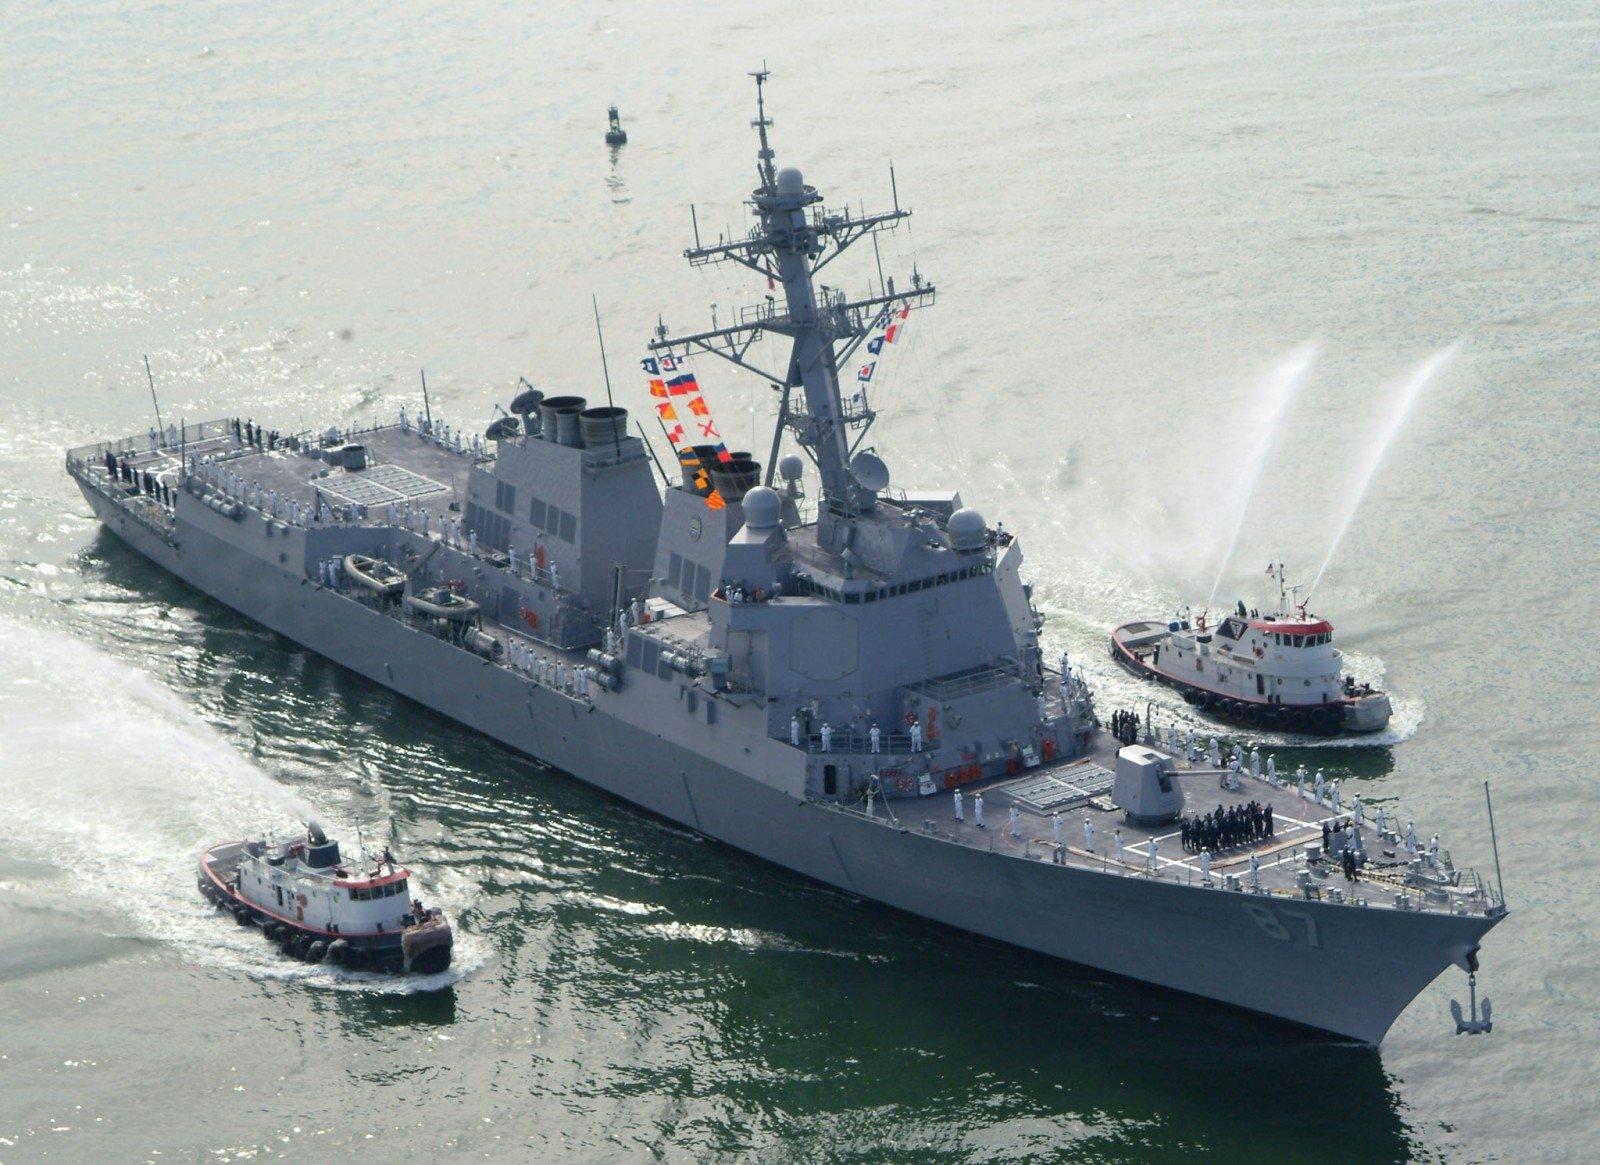 Йеменские повстанцы обстреляли ракетами американский эсминец